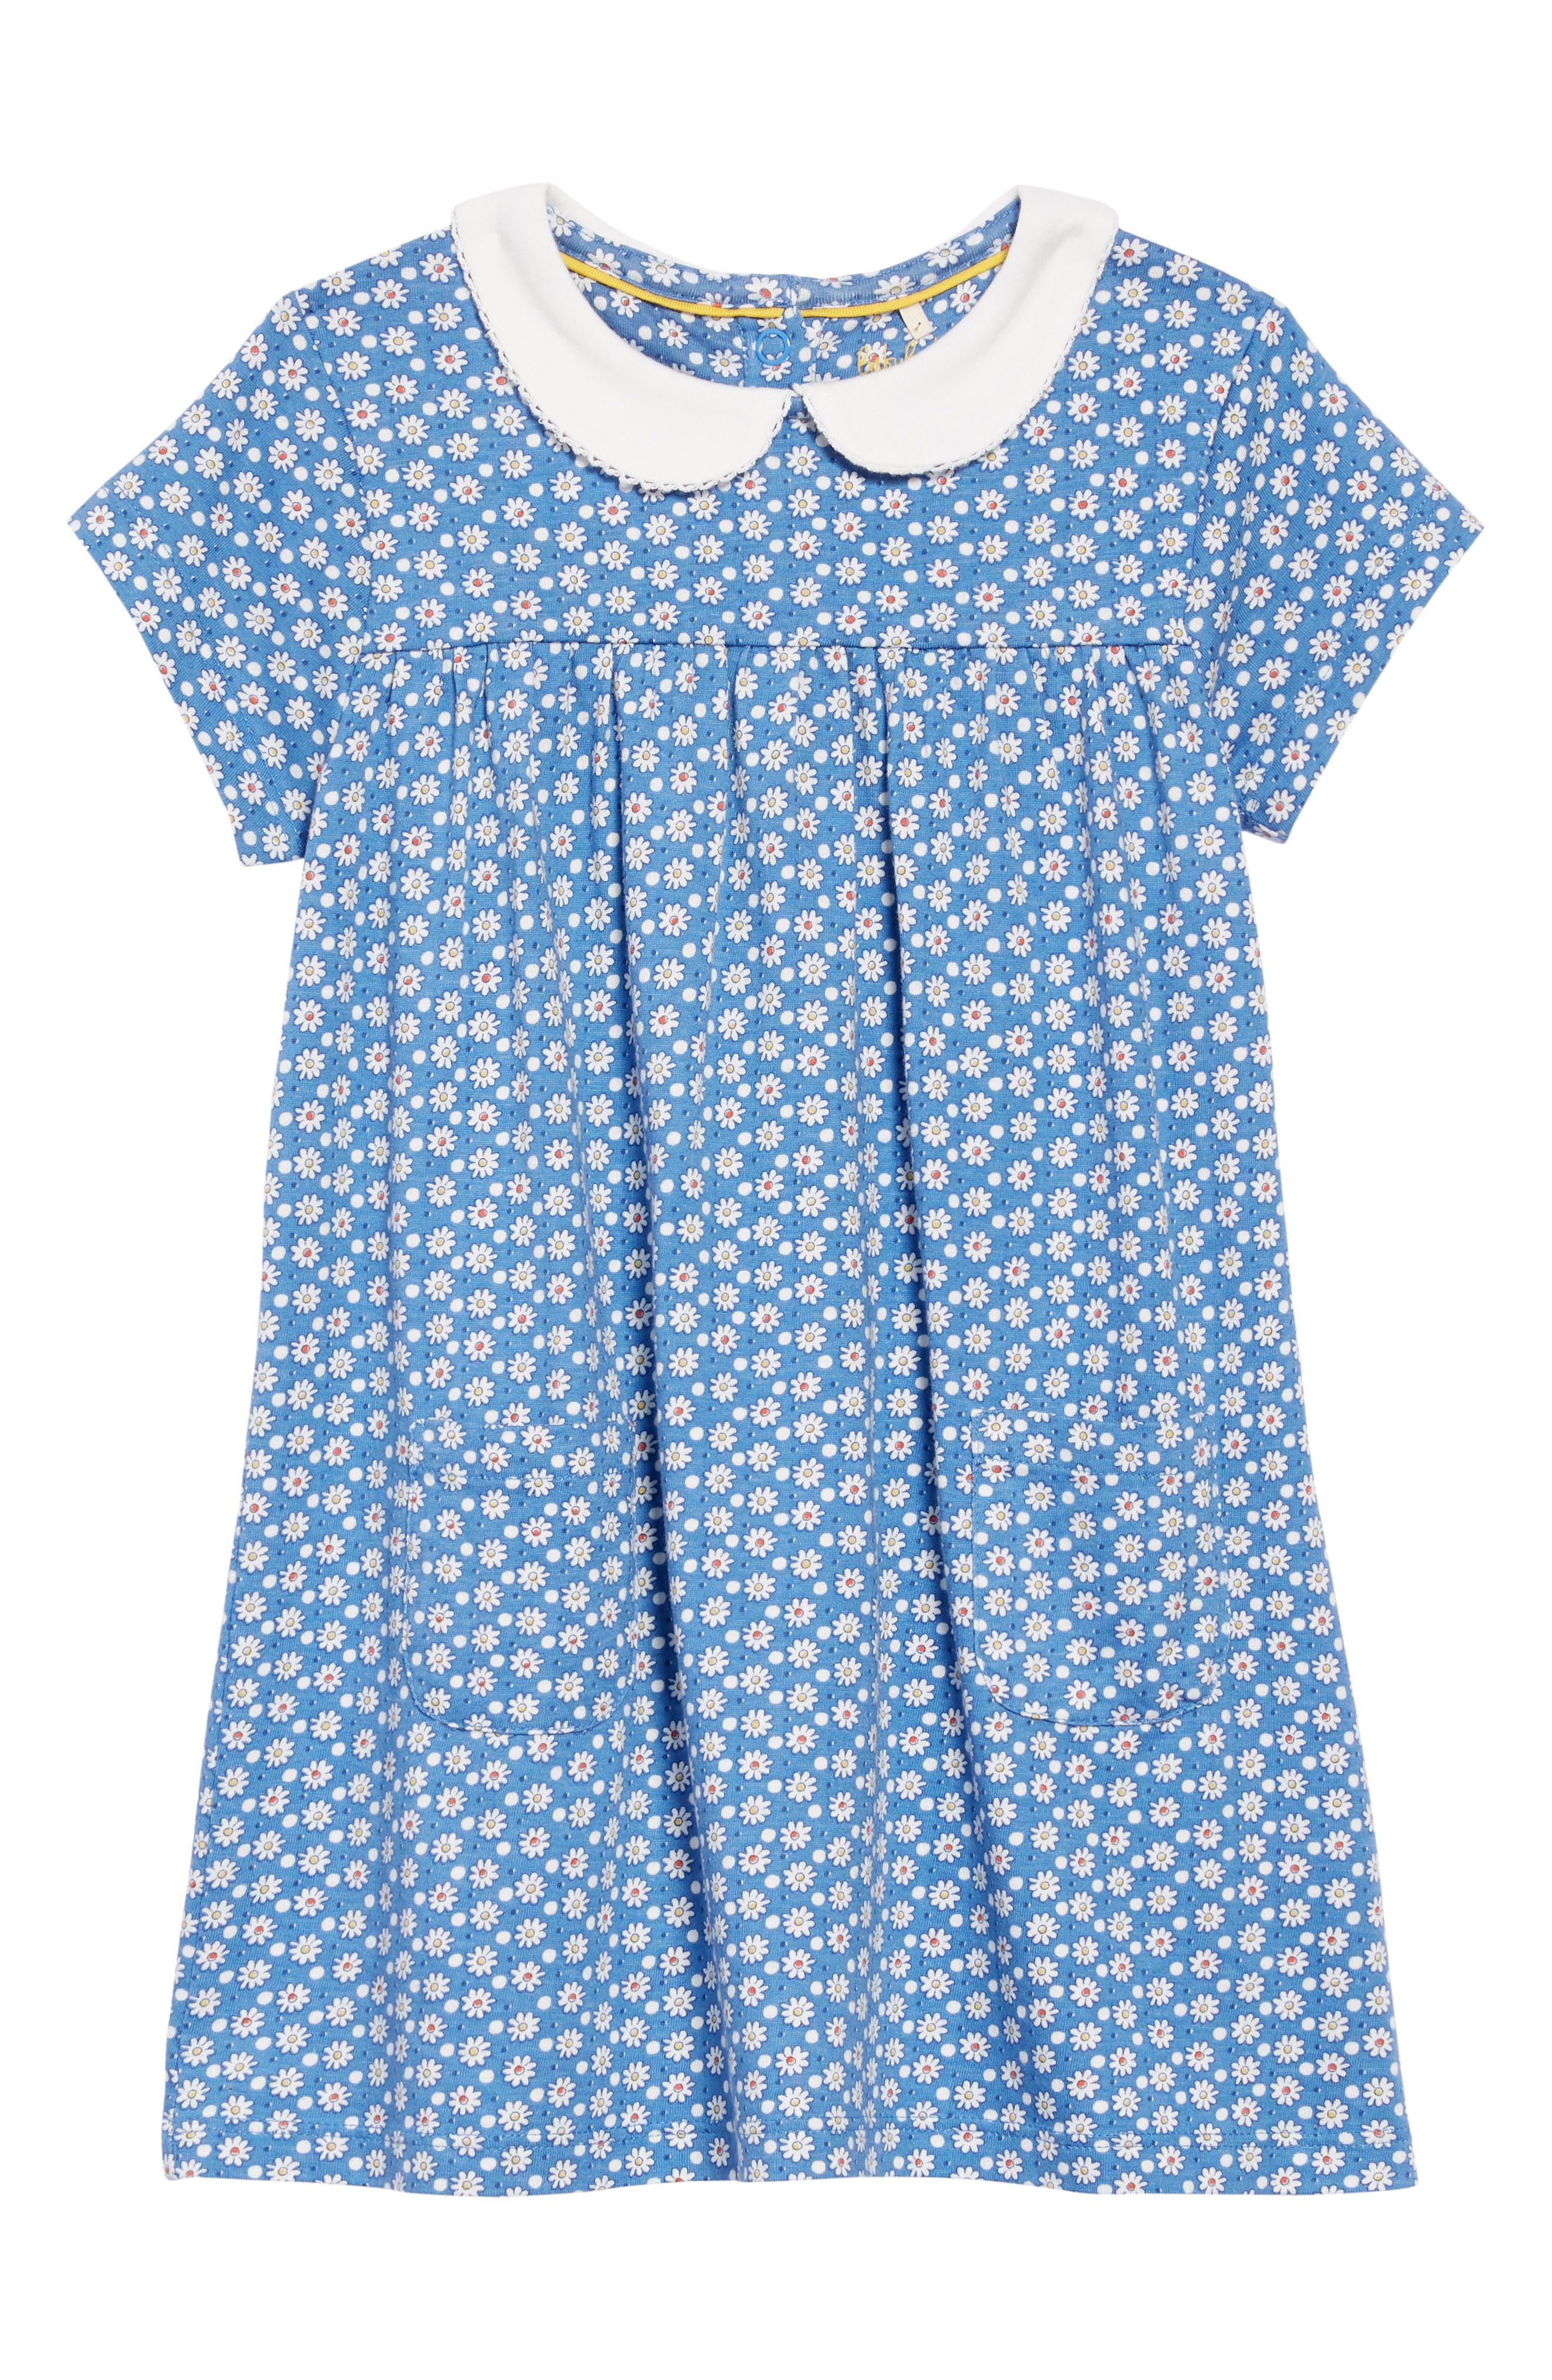 Peter Pan Collar Jersey Dress,                             Main thumbnail 1, color,                             BLU IVORY DAISY DOT